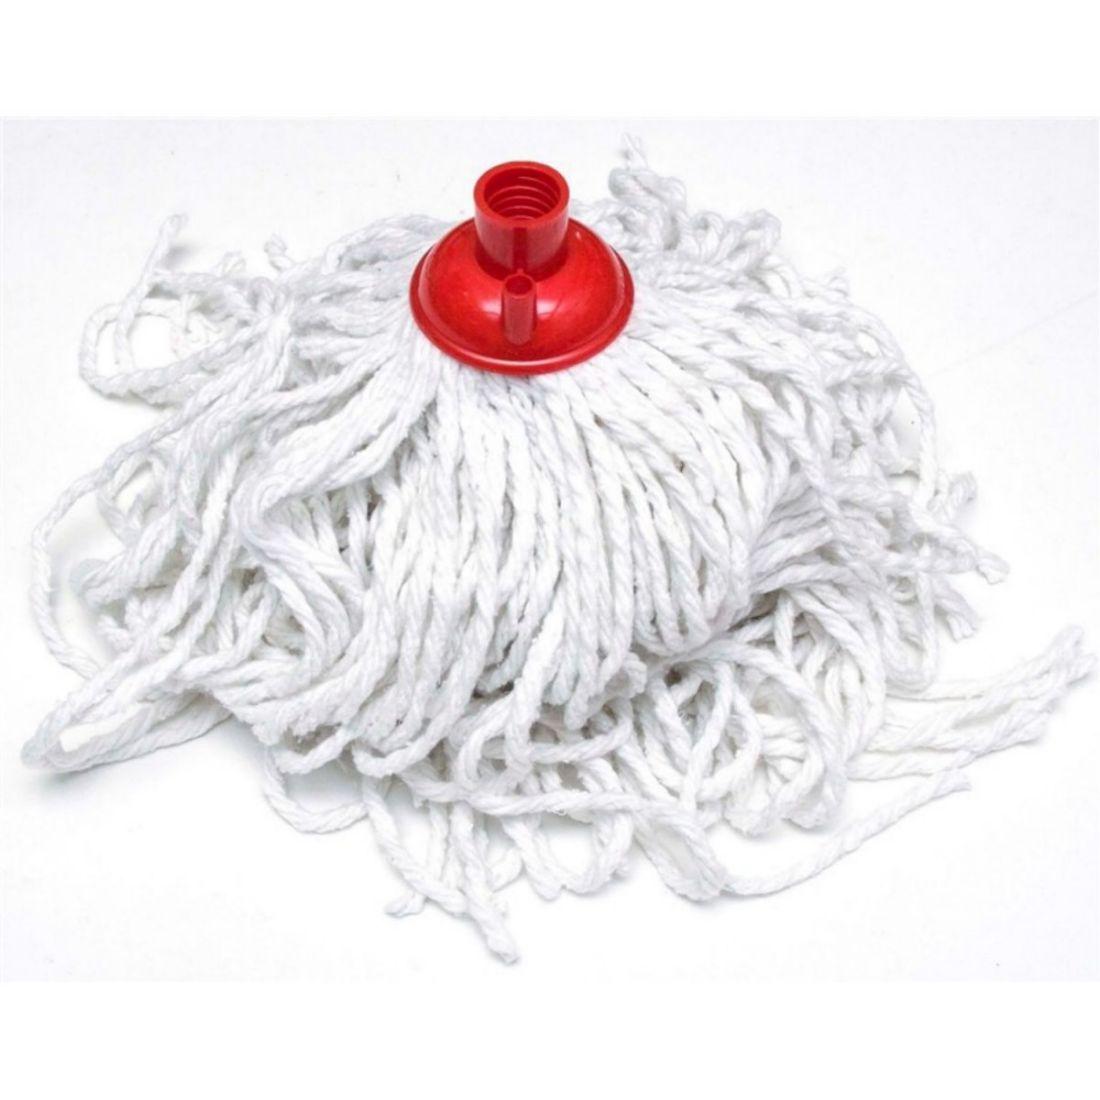 Tomgast Mop provázkový bavlněný, 160 g